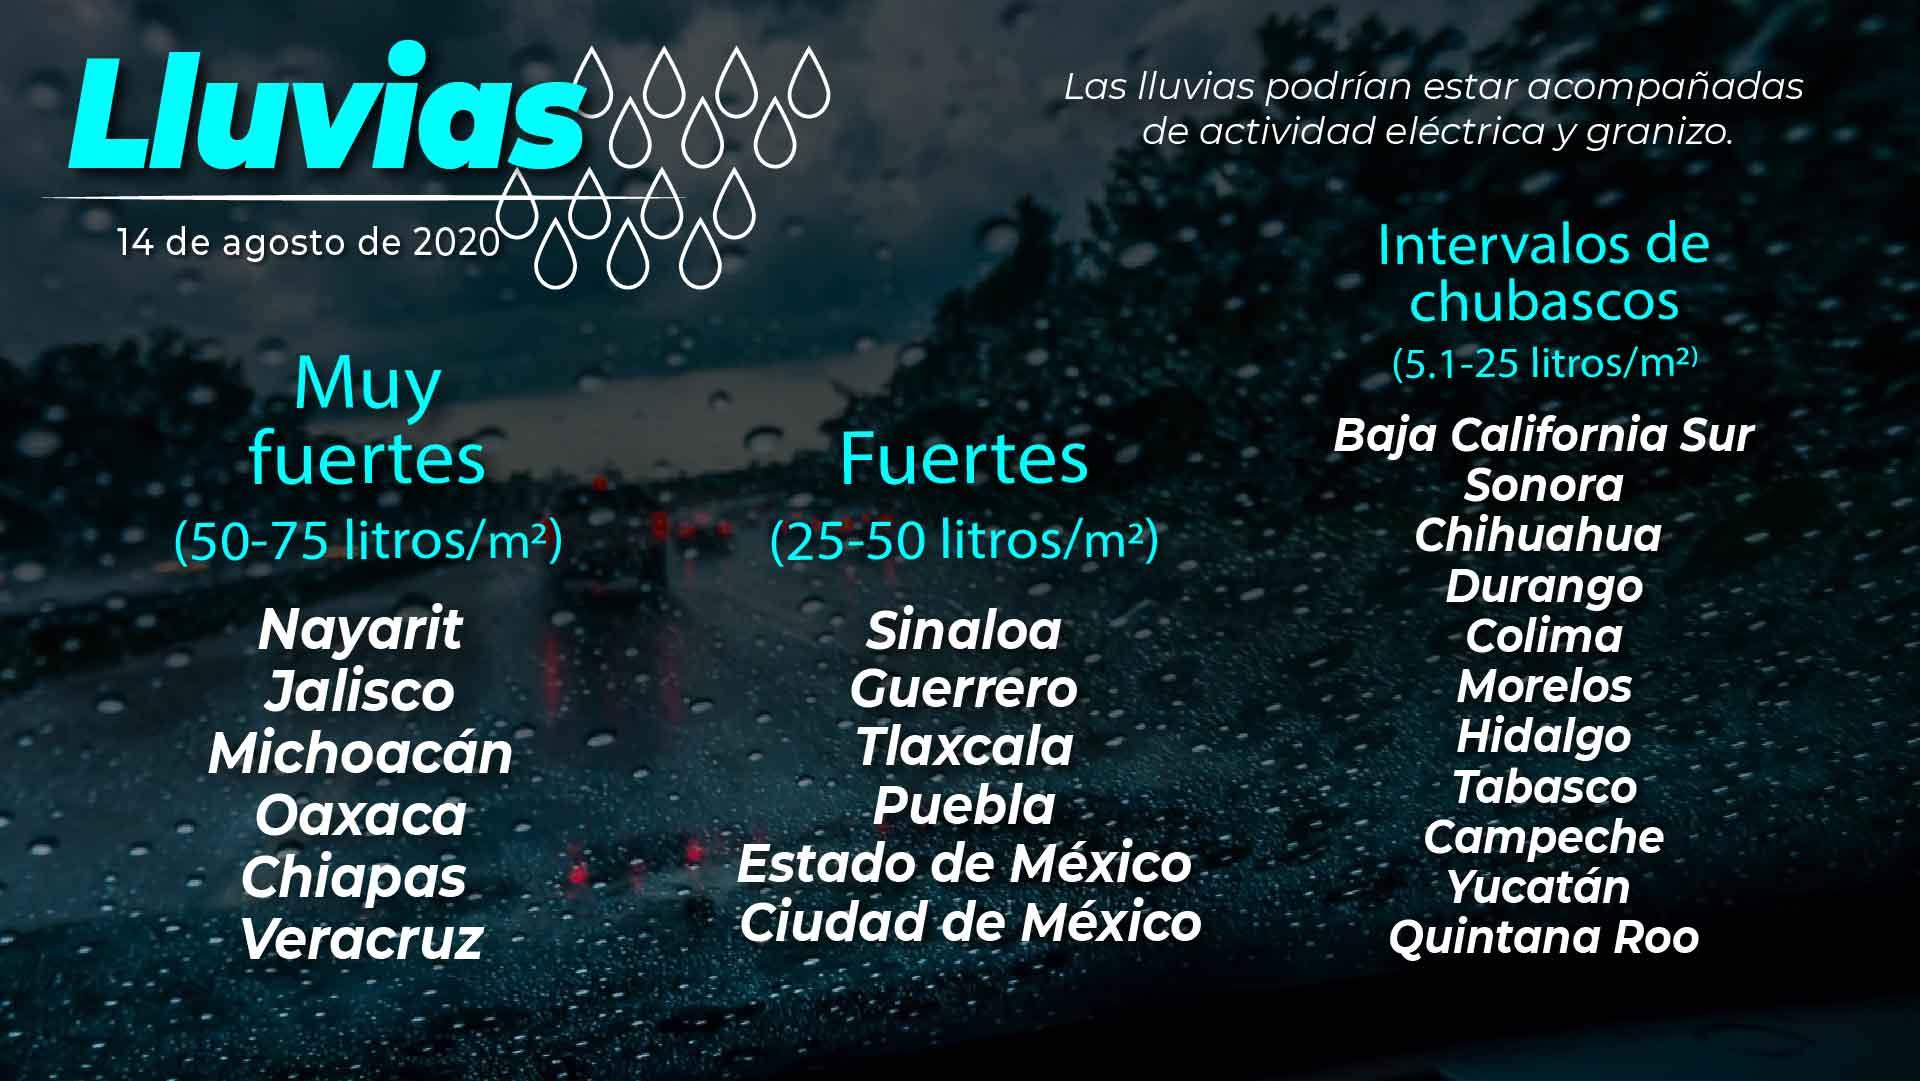 Persiste el pronóstico de lluvias durante el resto de la noche para Tlaxcala